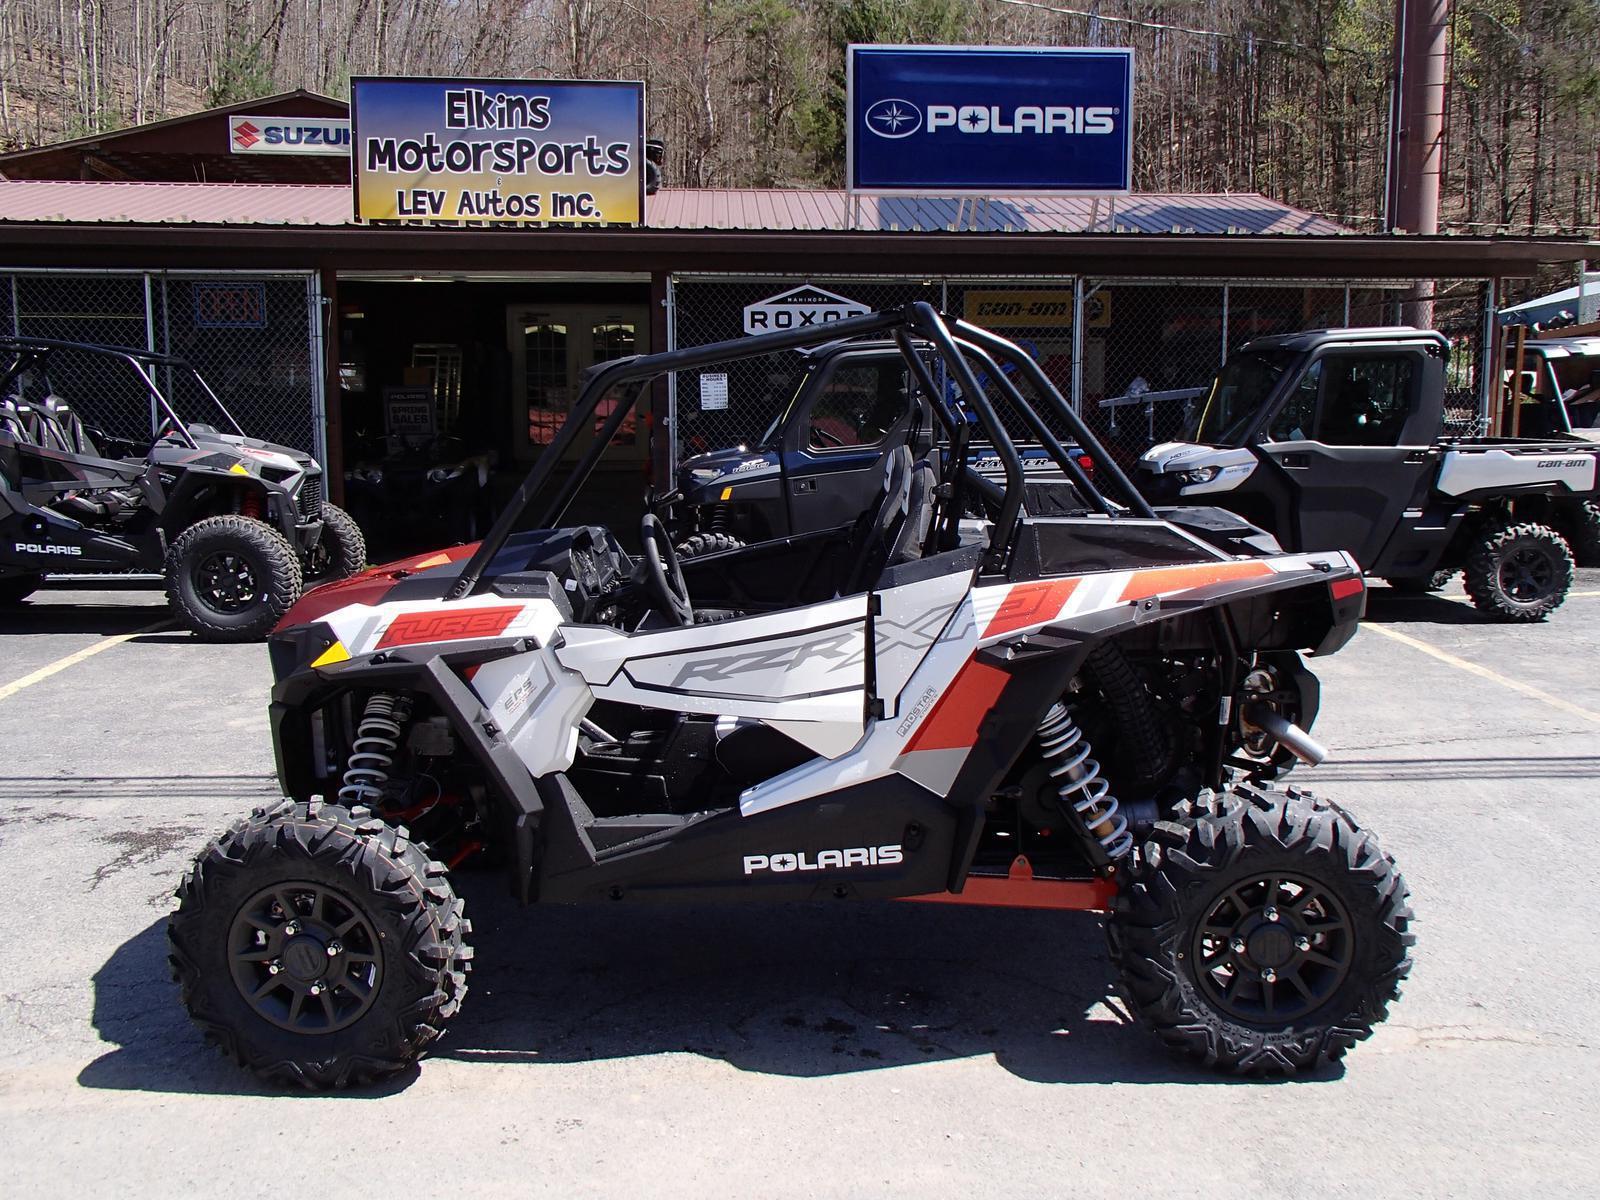 Inventory Elkins Motorsports Elkins, WV (304) 636-7732